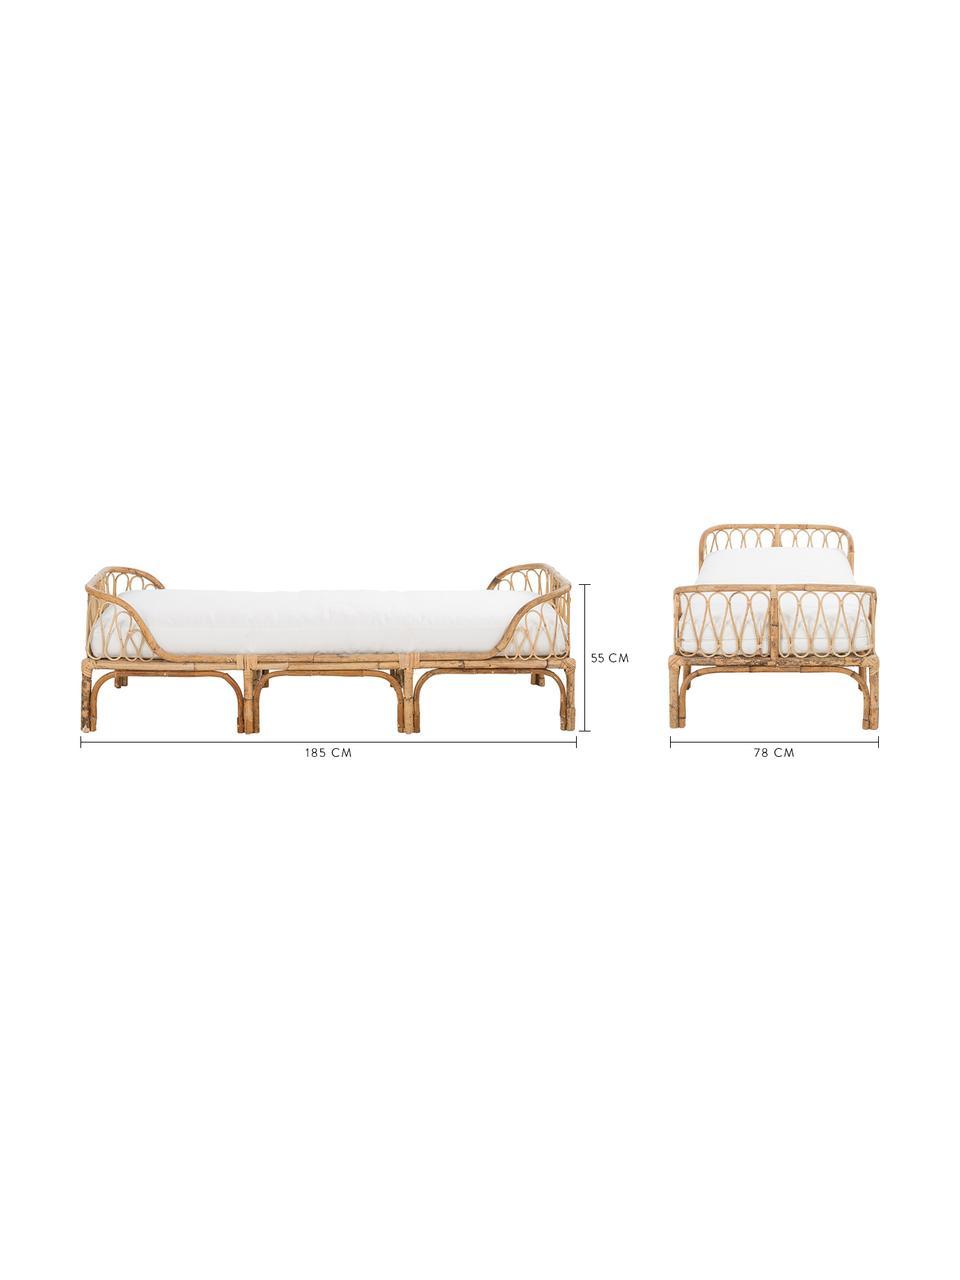 Łóżko dzienne z bambusa z poduszką Blond, Tapicerka: bawełna, Drewno bambusowe, biały, S 185 x G 78 cm